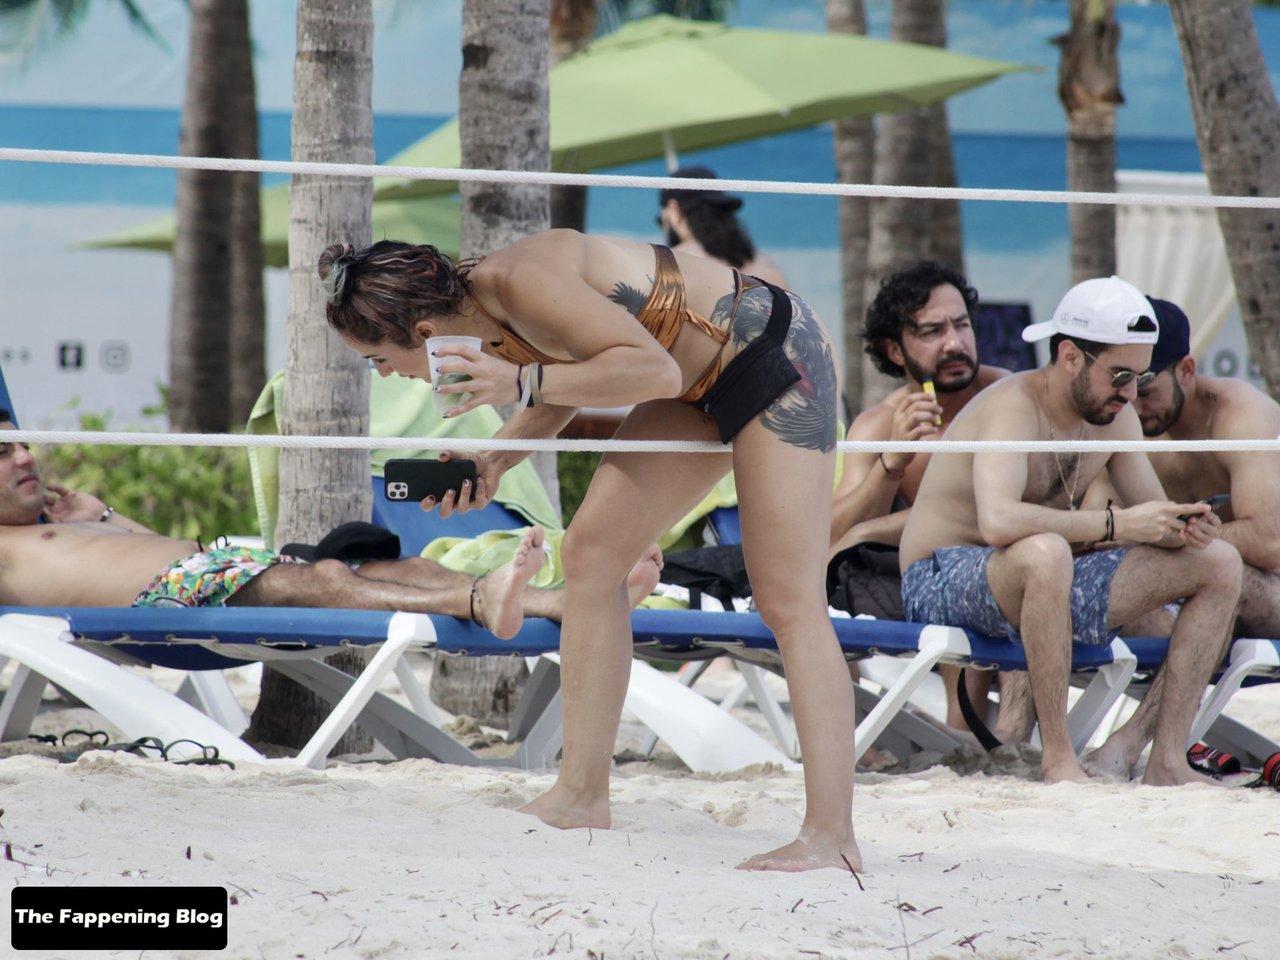 Cara Maria Sorbello on Beach 20